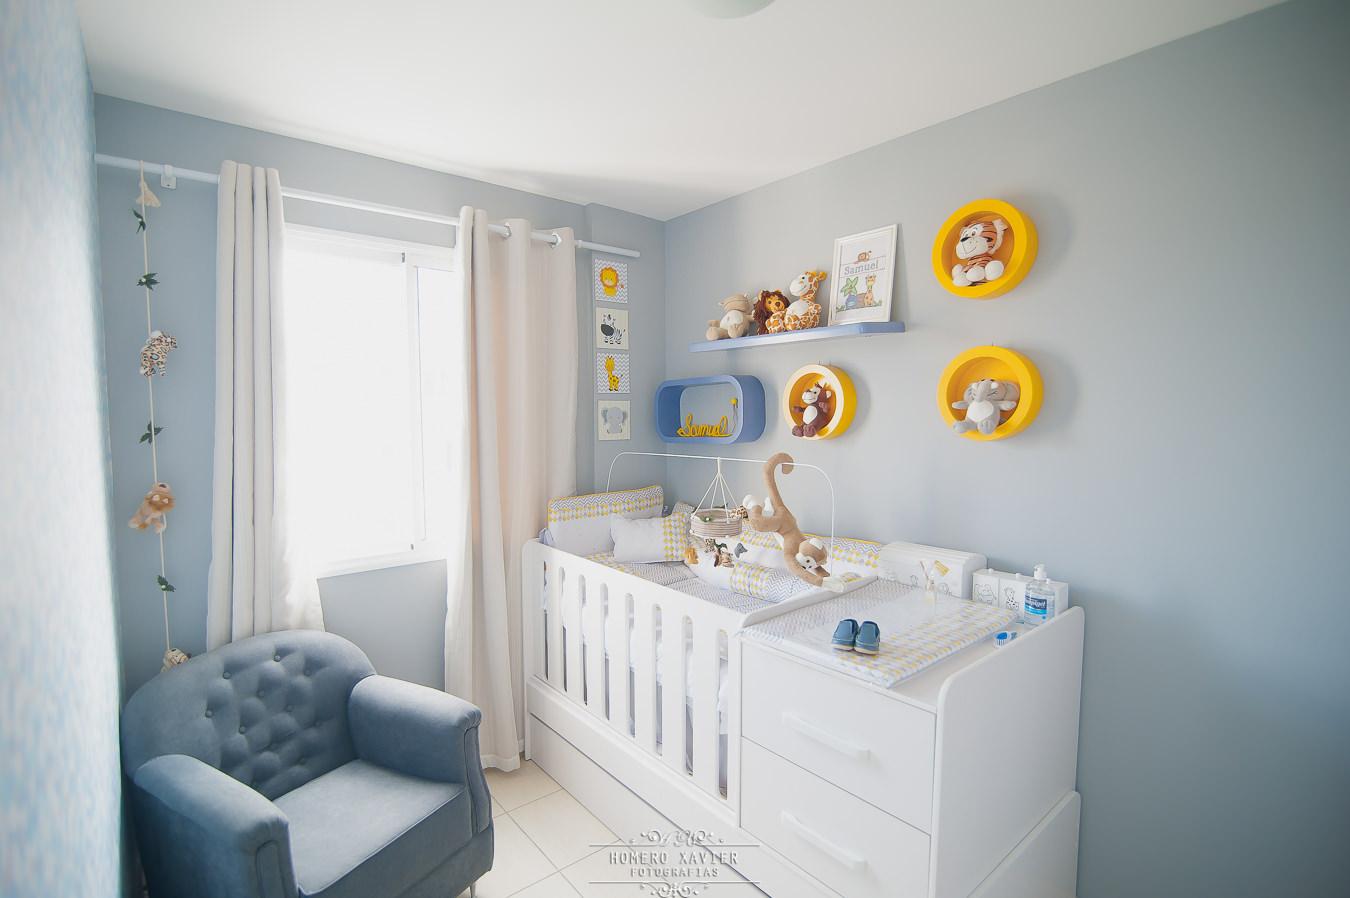 Ensaio fotográfico Newborn realizado na casa do bebê recém nascido em BH